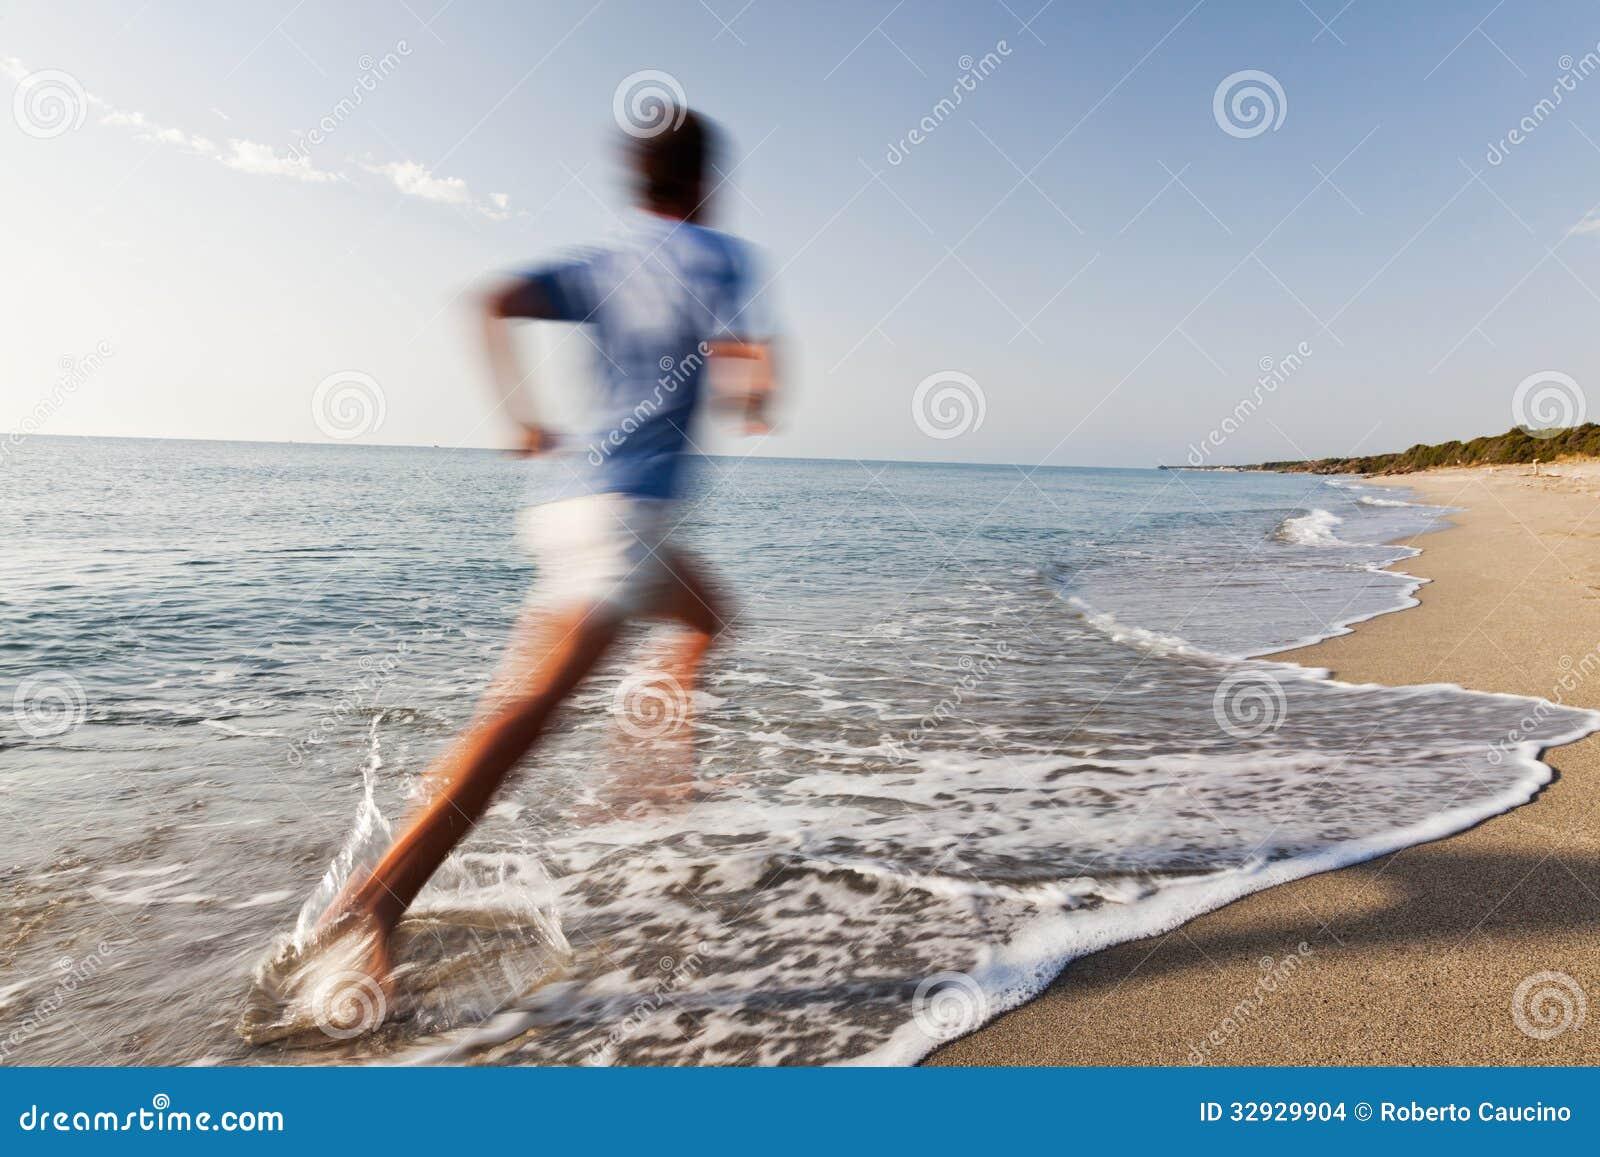 Jeune homme courant sur une plage.